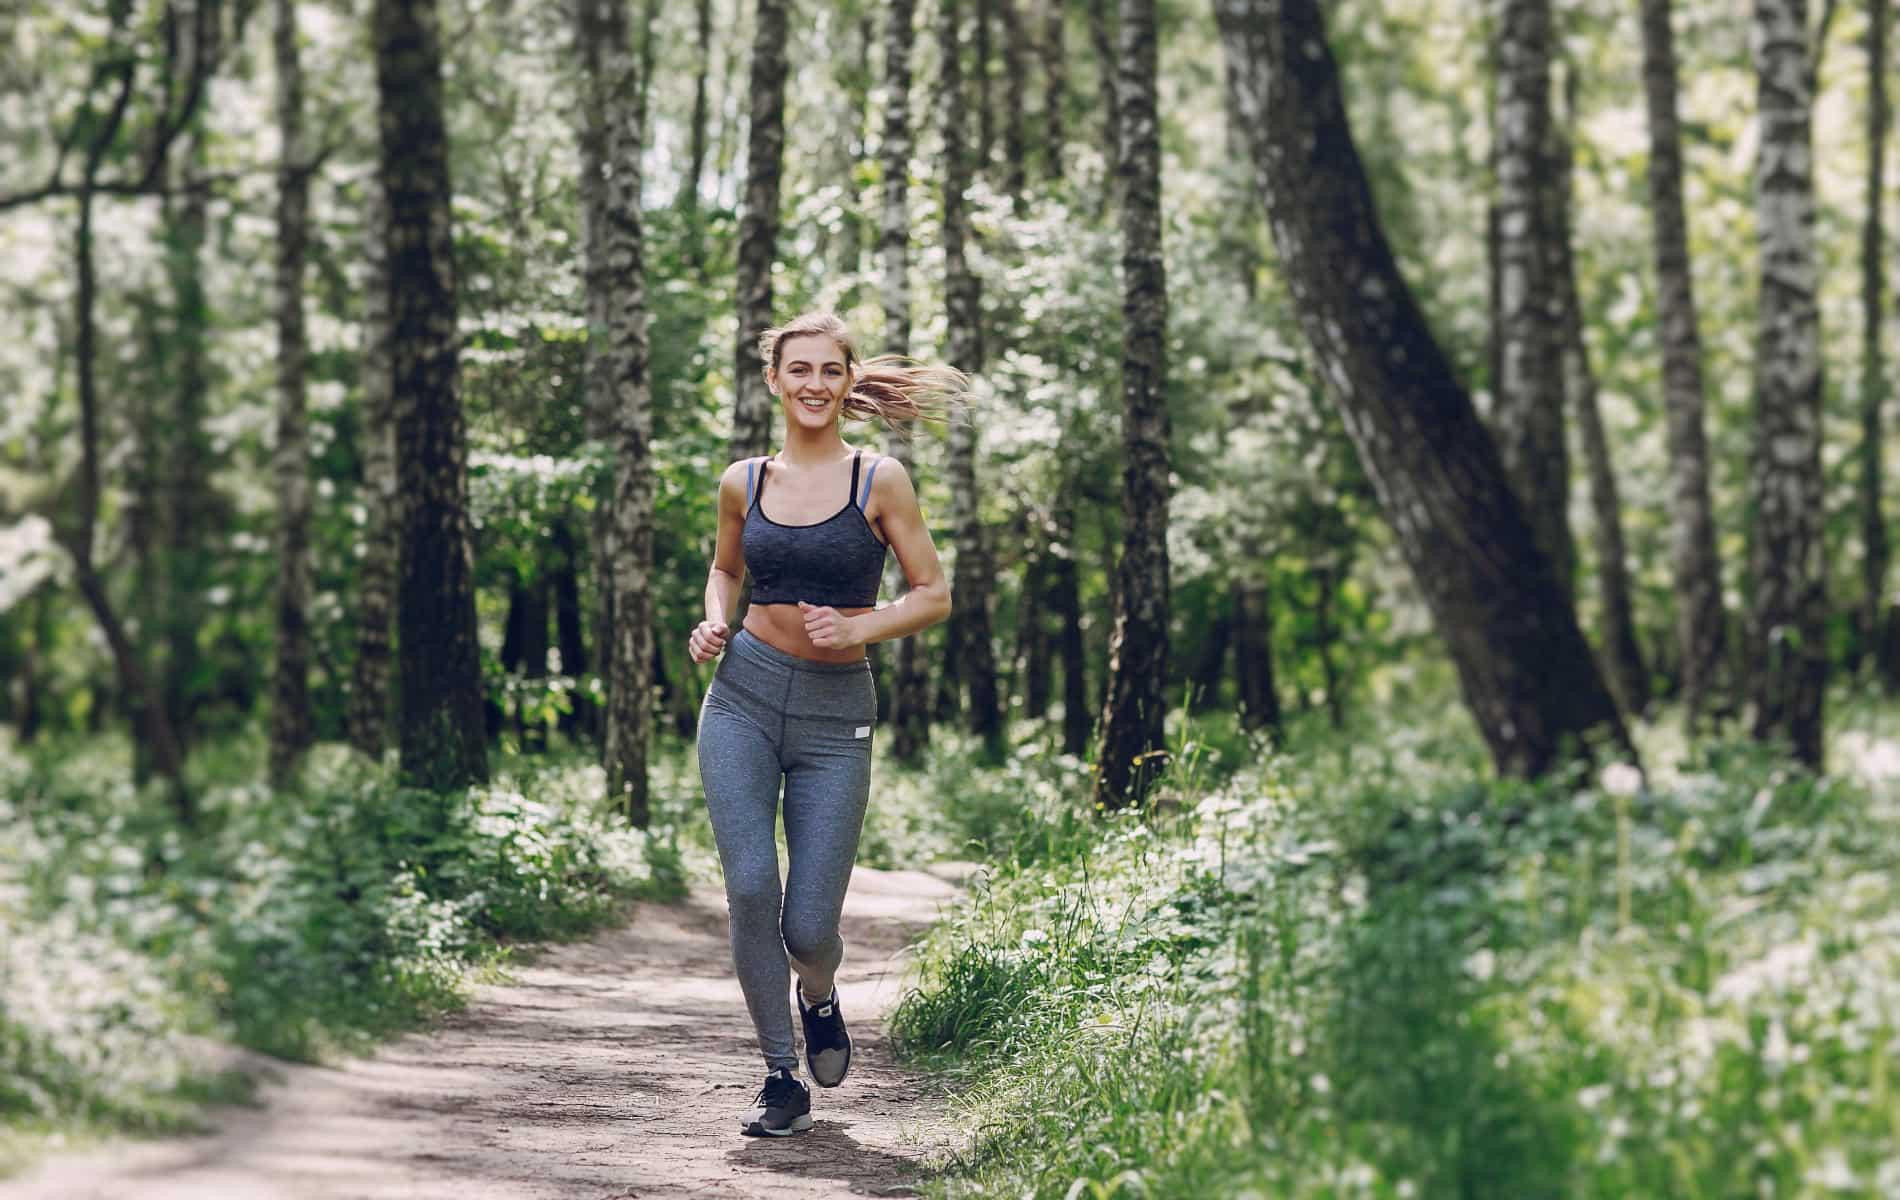 Frau joggt lächeln durch den Wald - Biohack Routine